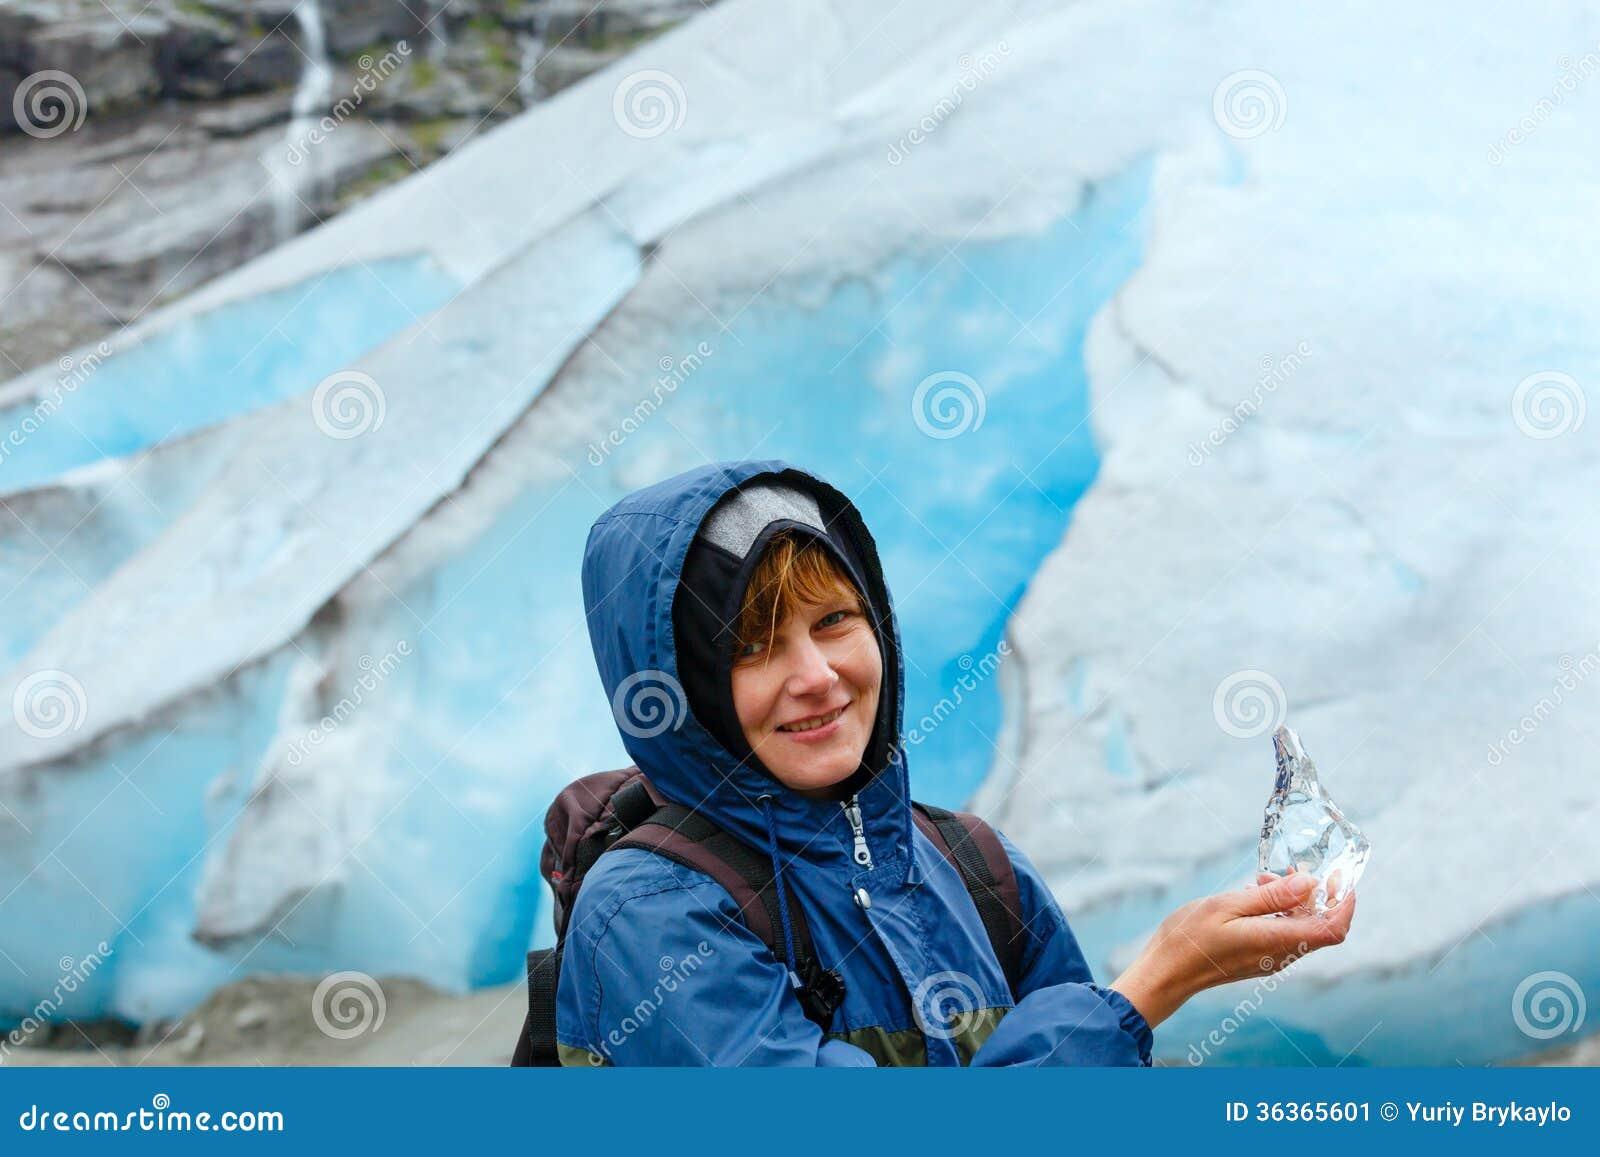 Women in ice — 9